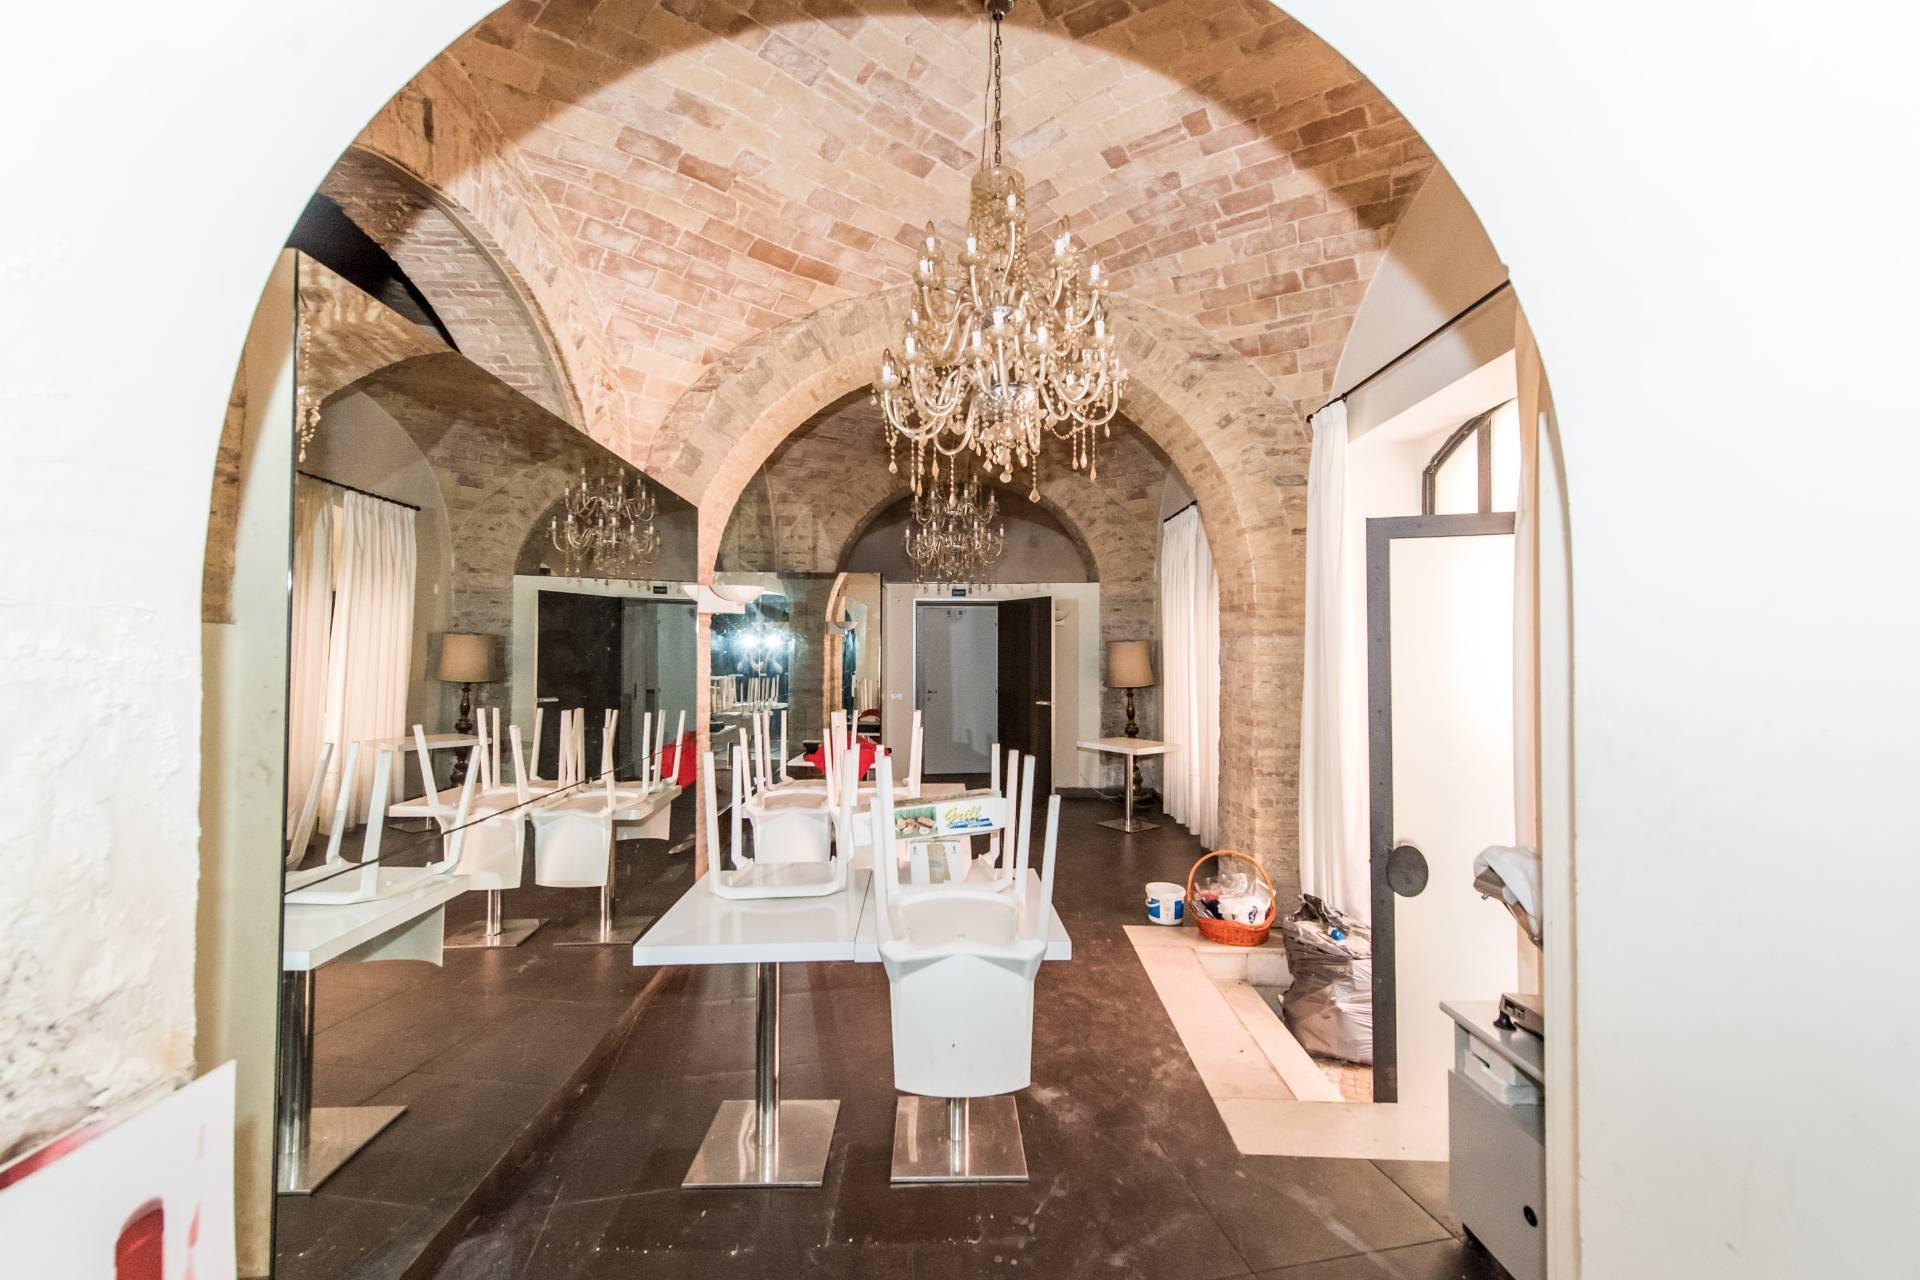 Negozio / Locale in vendita a Chieti, 9999 locali, prezzo € 146.000 | CambioCasa.it